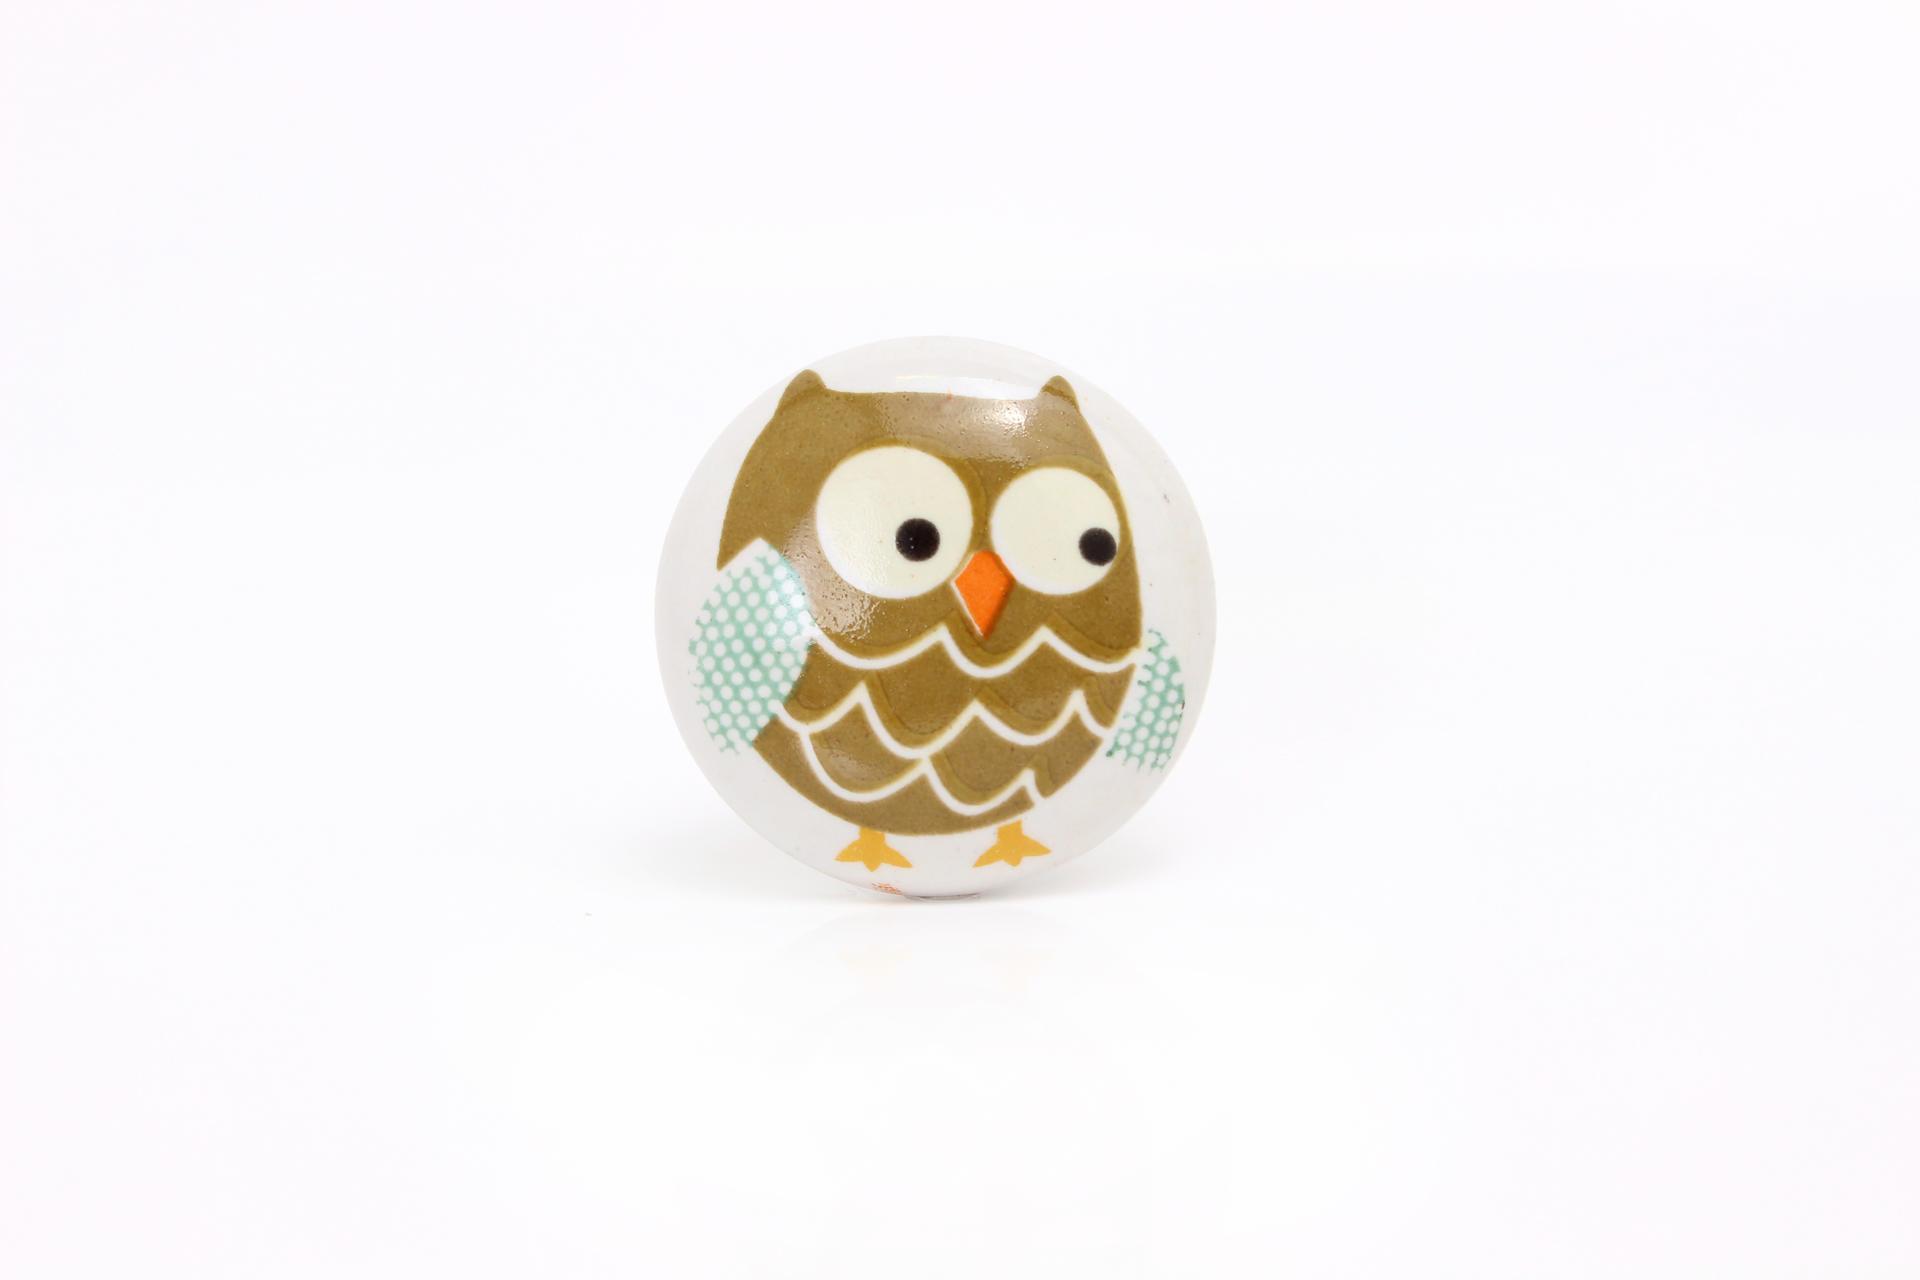 La finesse Porcelánová úchytka Owl, multi barva, porcelán 40 mm